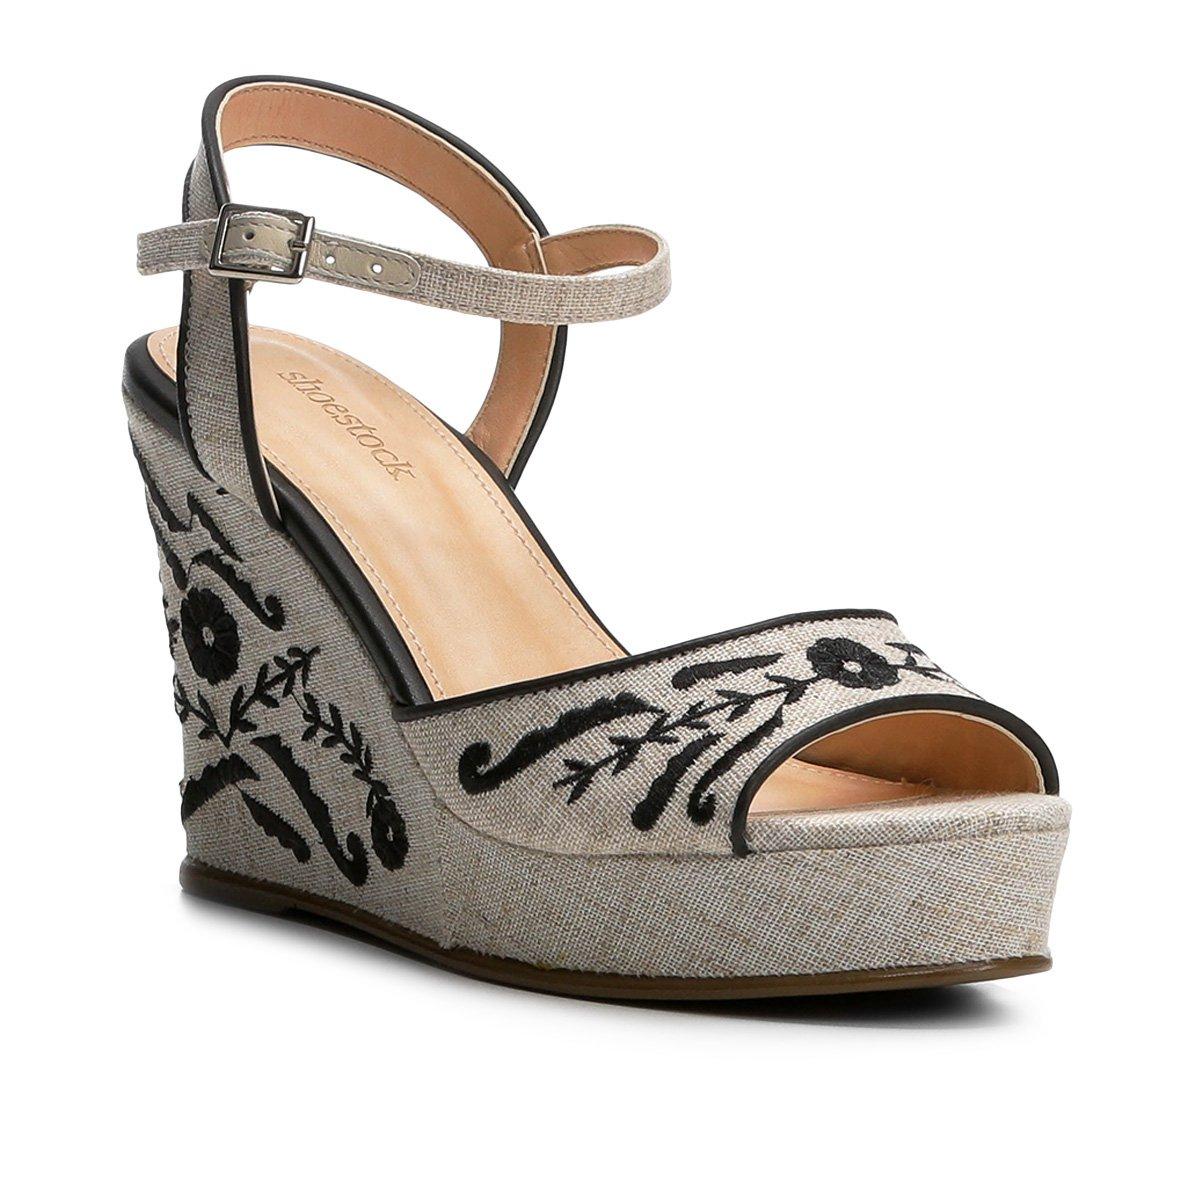 9df5d88a2 Sandália Anabela Shoestock Linho Bordada Feminina - Compre Agora ...